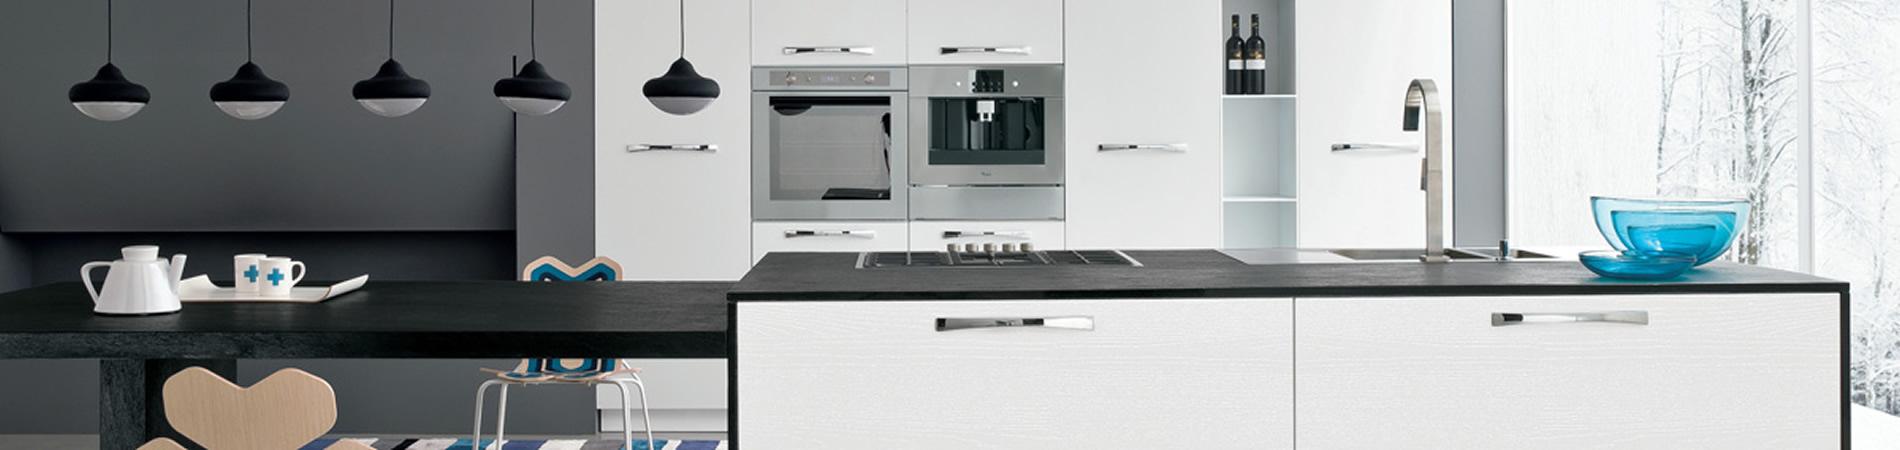 Full Size of Java Schiefer Arbeitsplatte Arbeitsplatten Preise Besten Küche Sideboard Mit Wohnzimmer Java Schiefer Arbeitsplatte